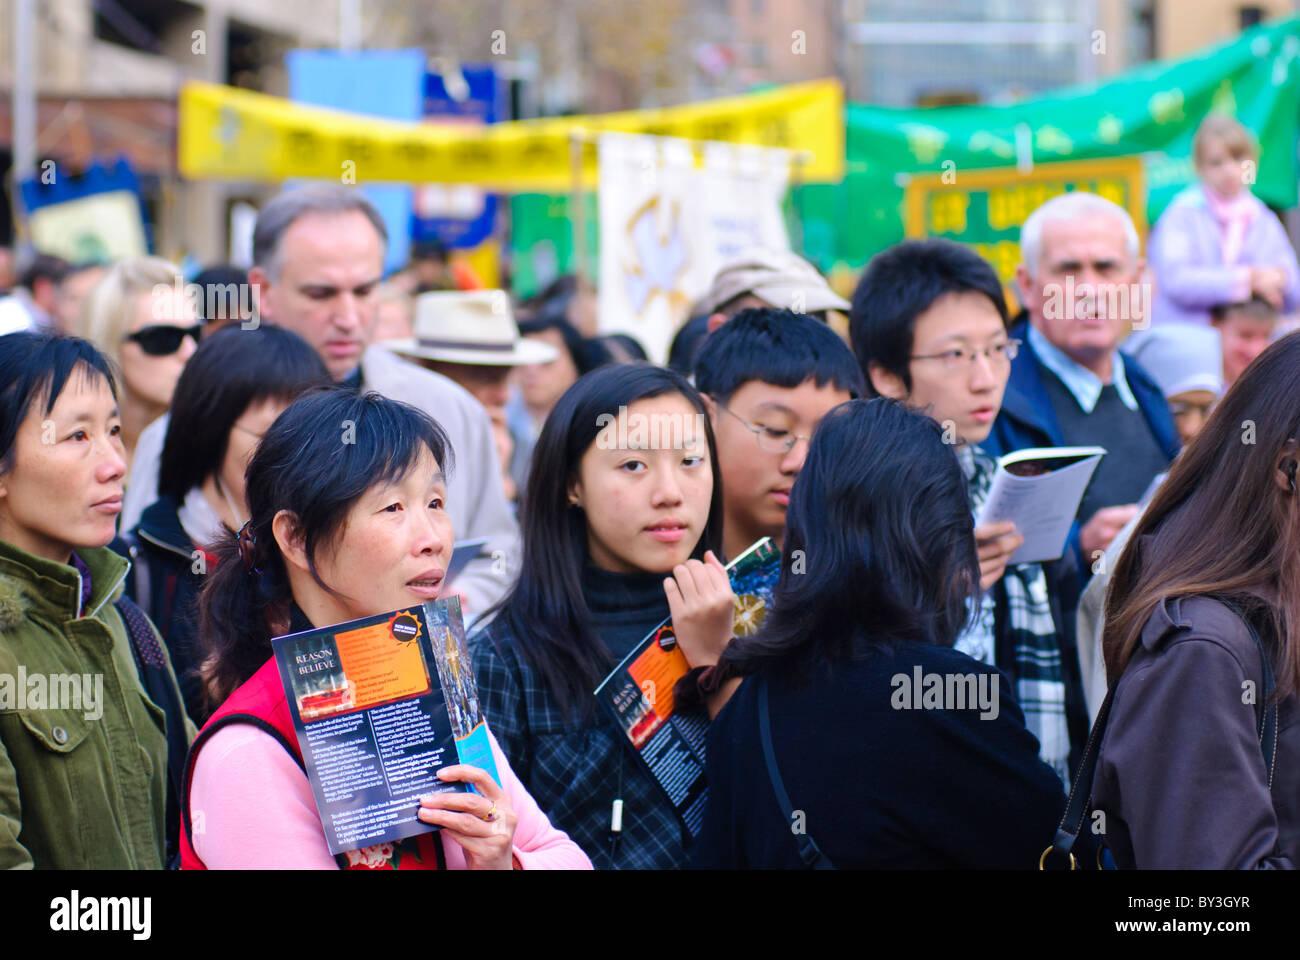 Katholischen Prozession durch die Straßen der Stadt. Migranten aus vielen Kulturen gehören zu den Teilnehmern. Stockbild